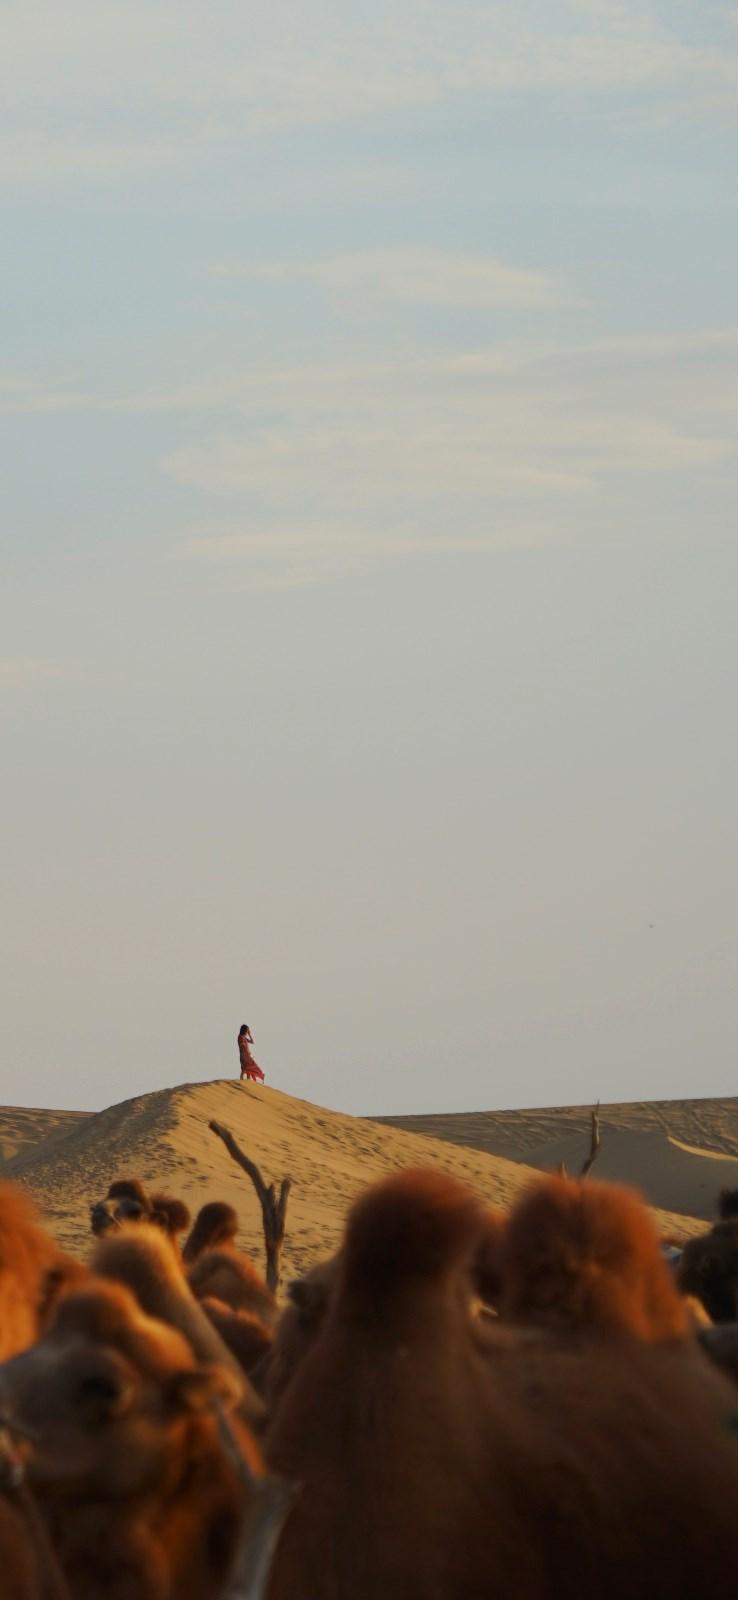 内蒙古-阿拉善-女人.jpg